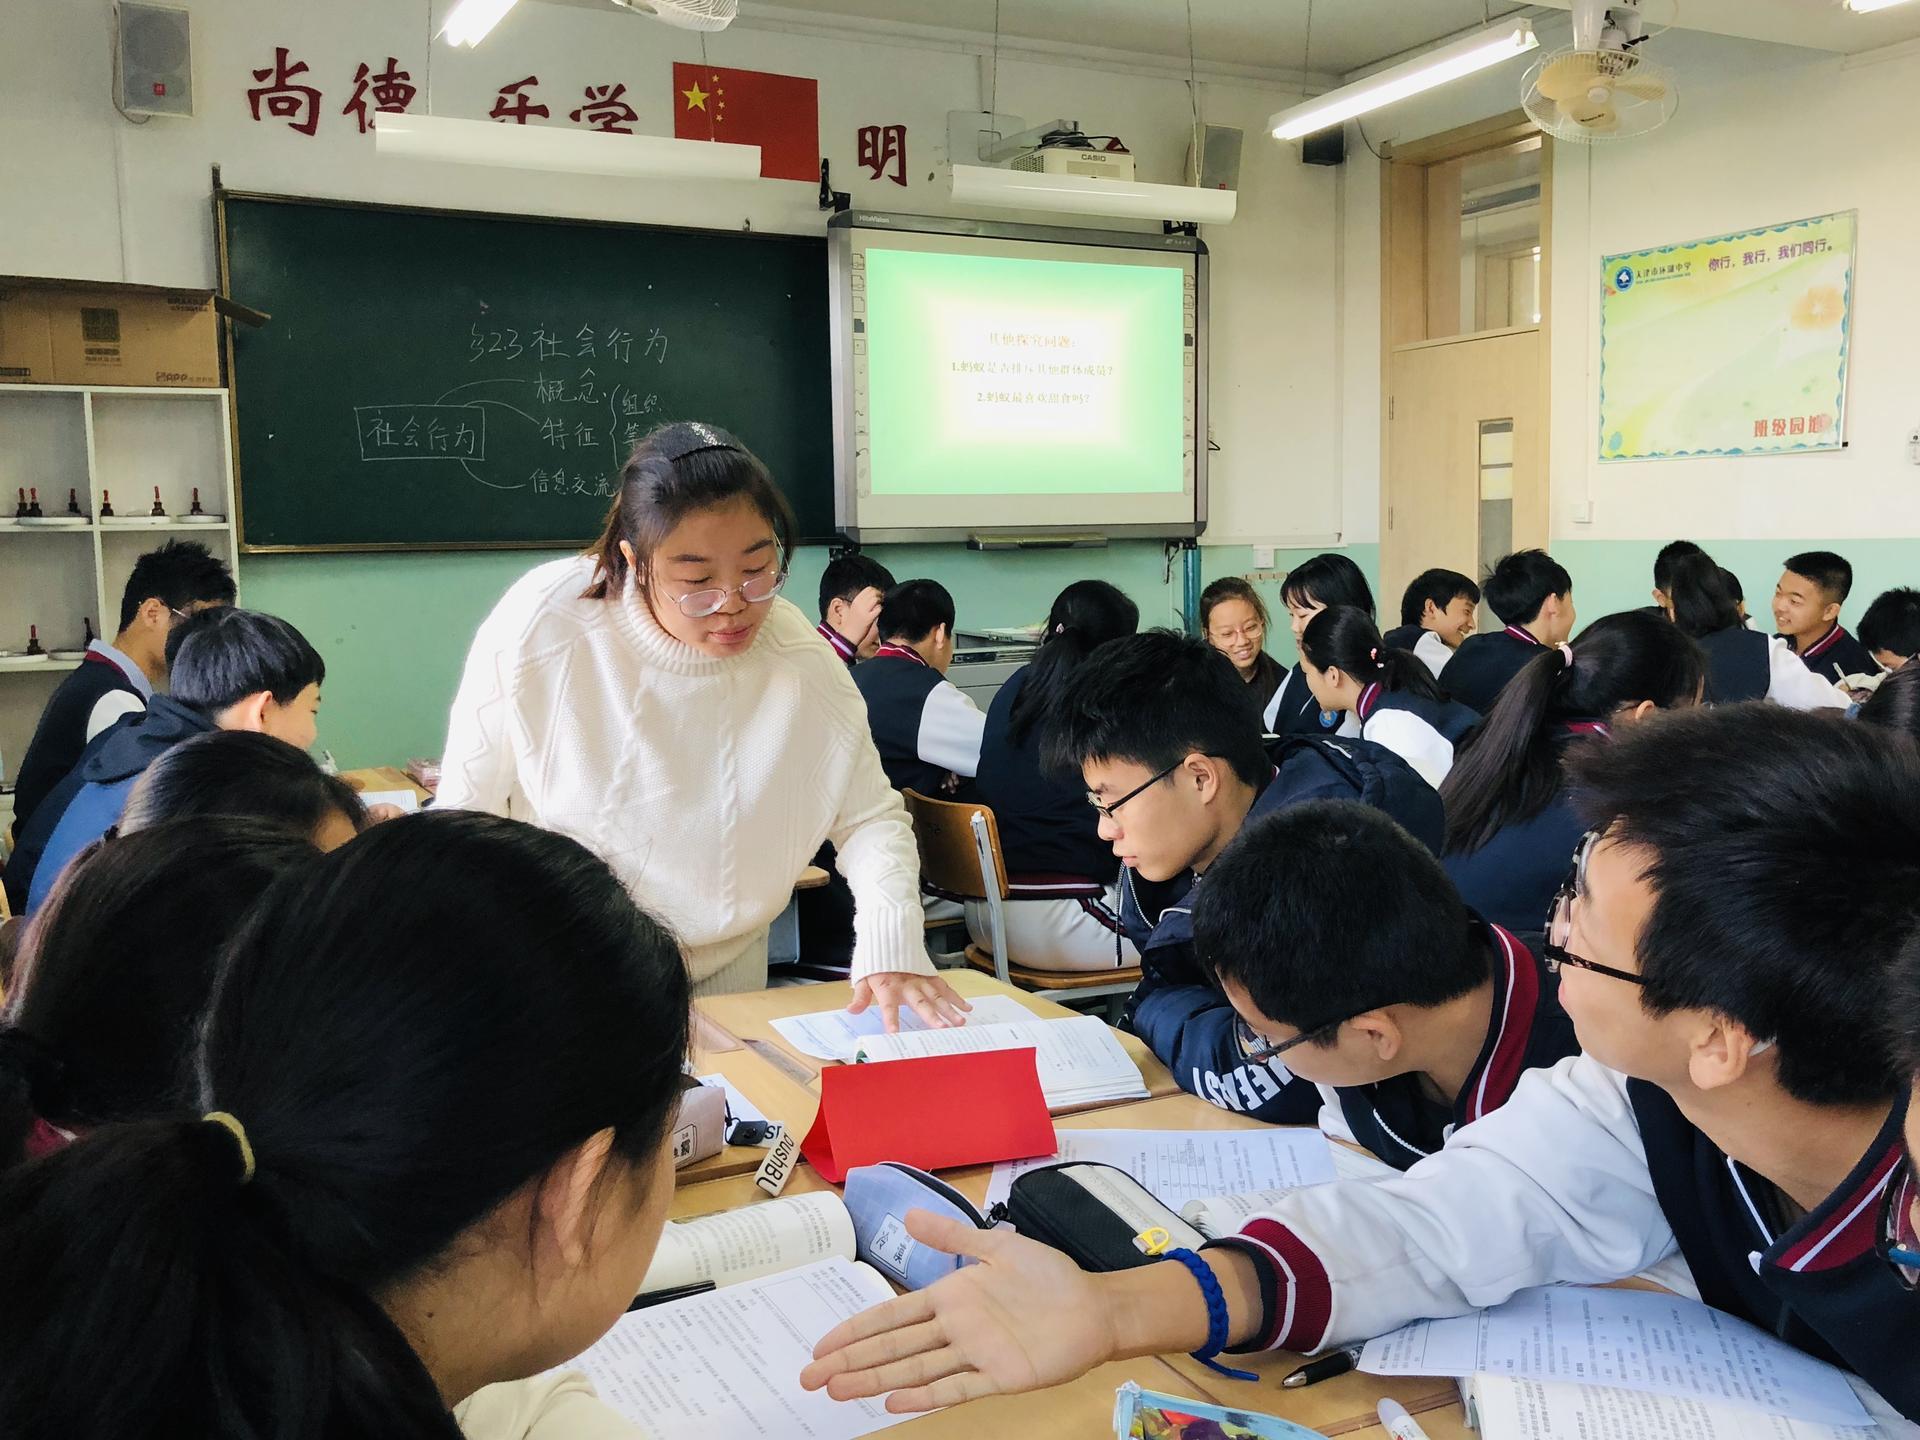 张锦老师正在上课2.jpg